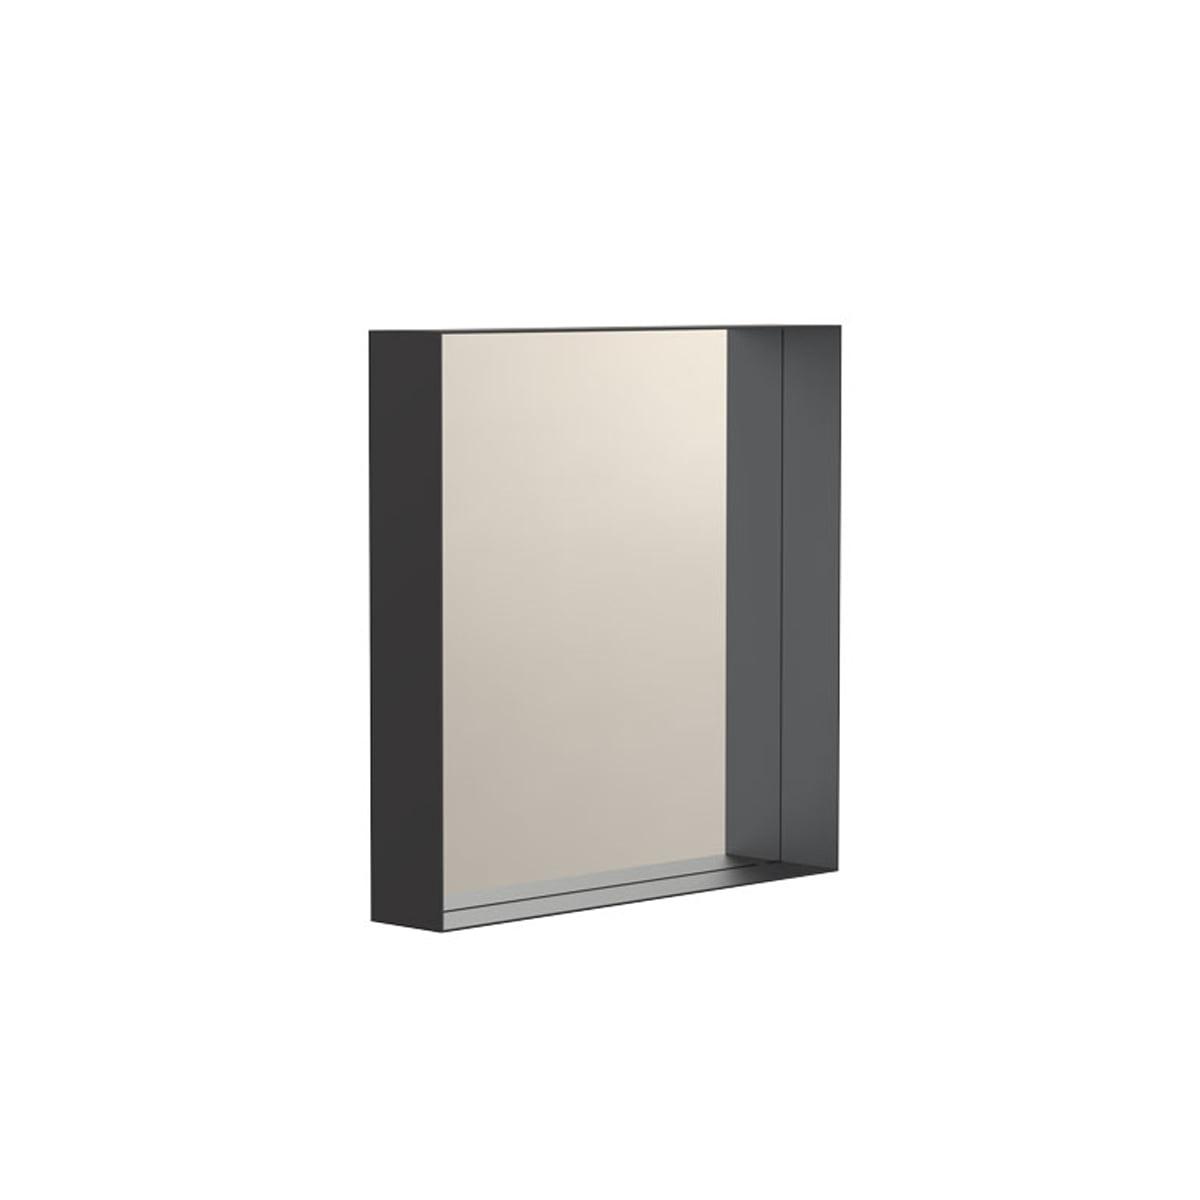 Frost - Unu Wandspiegel 4132 mit Rahmen, 40 x 40 cm, schwarz | Flur & Diele > Spiegel | Schwarz | Frost